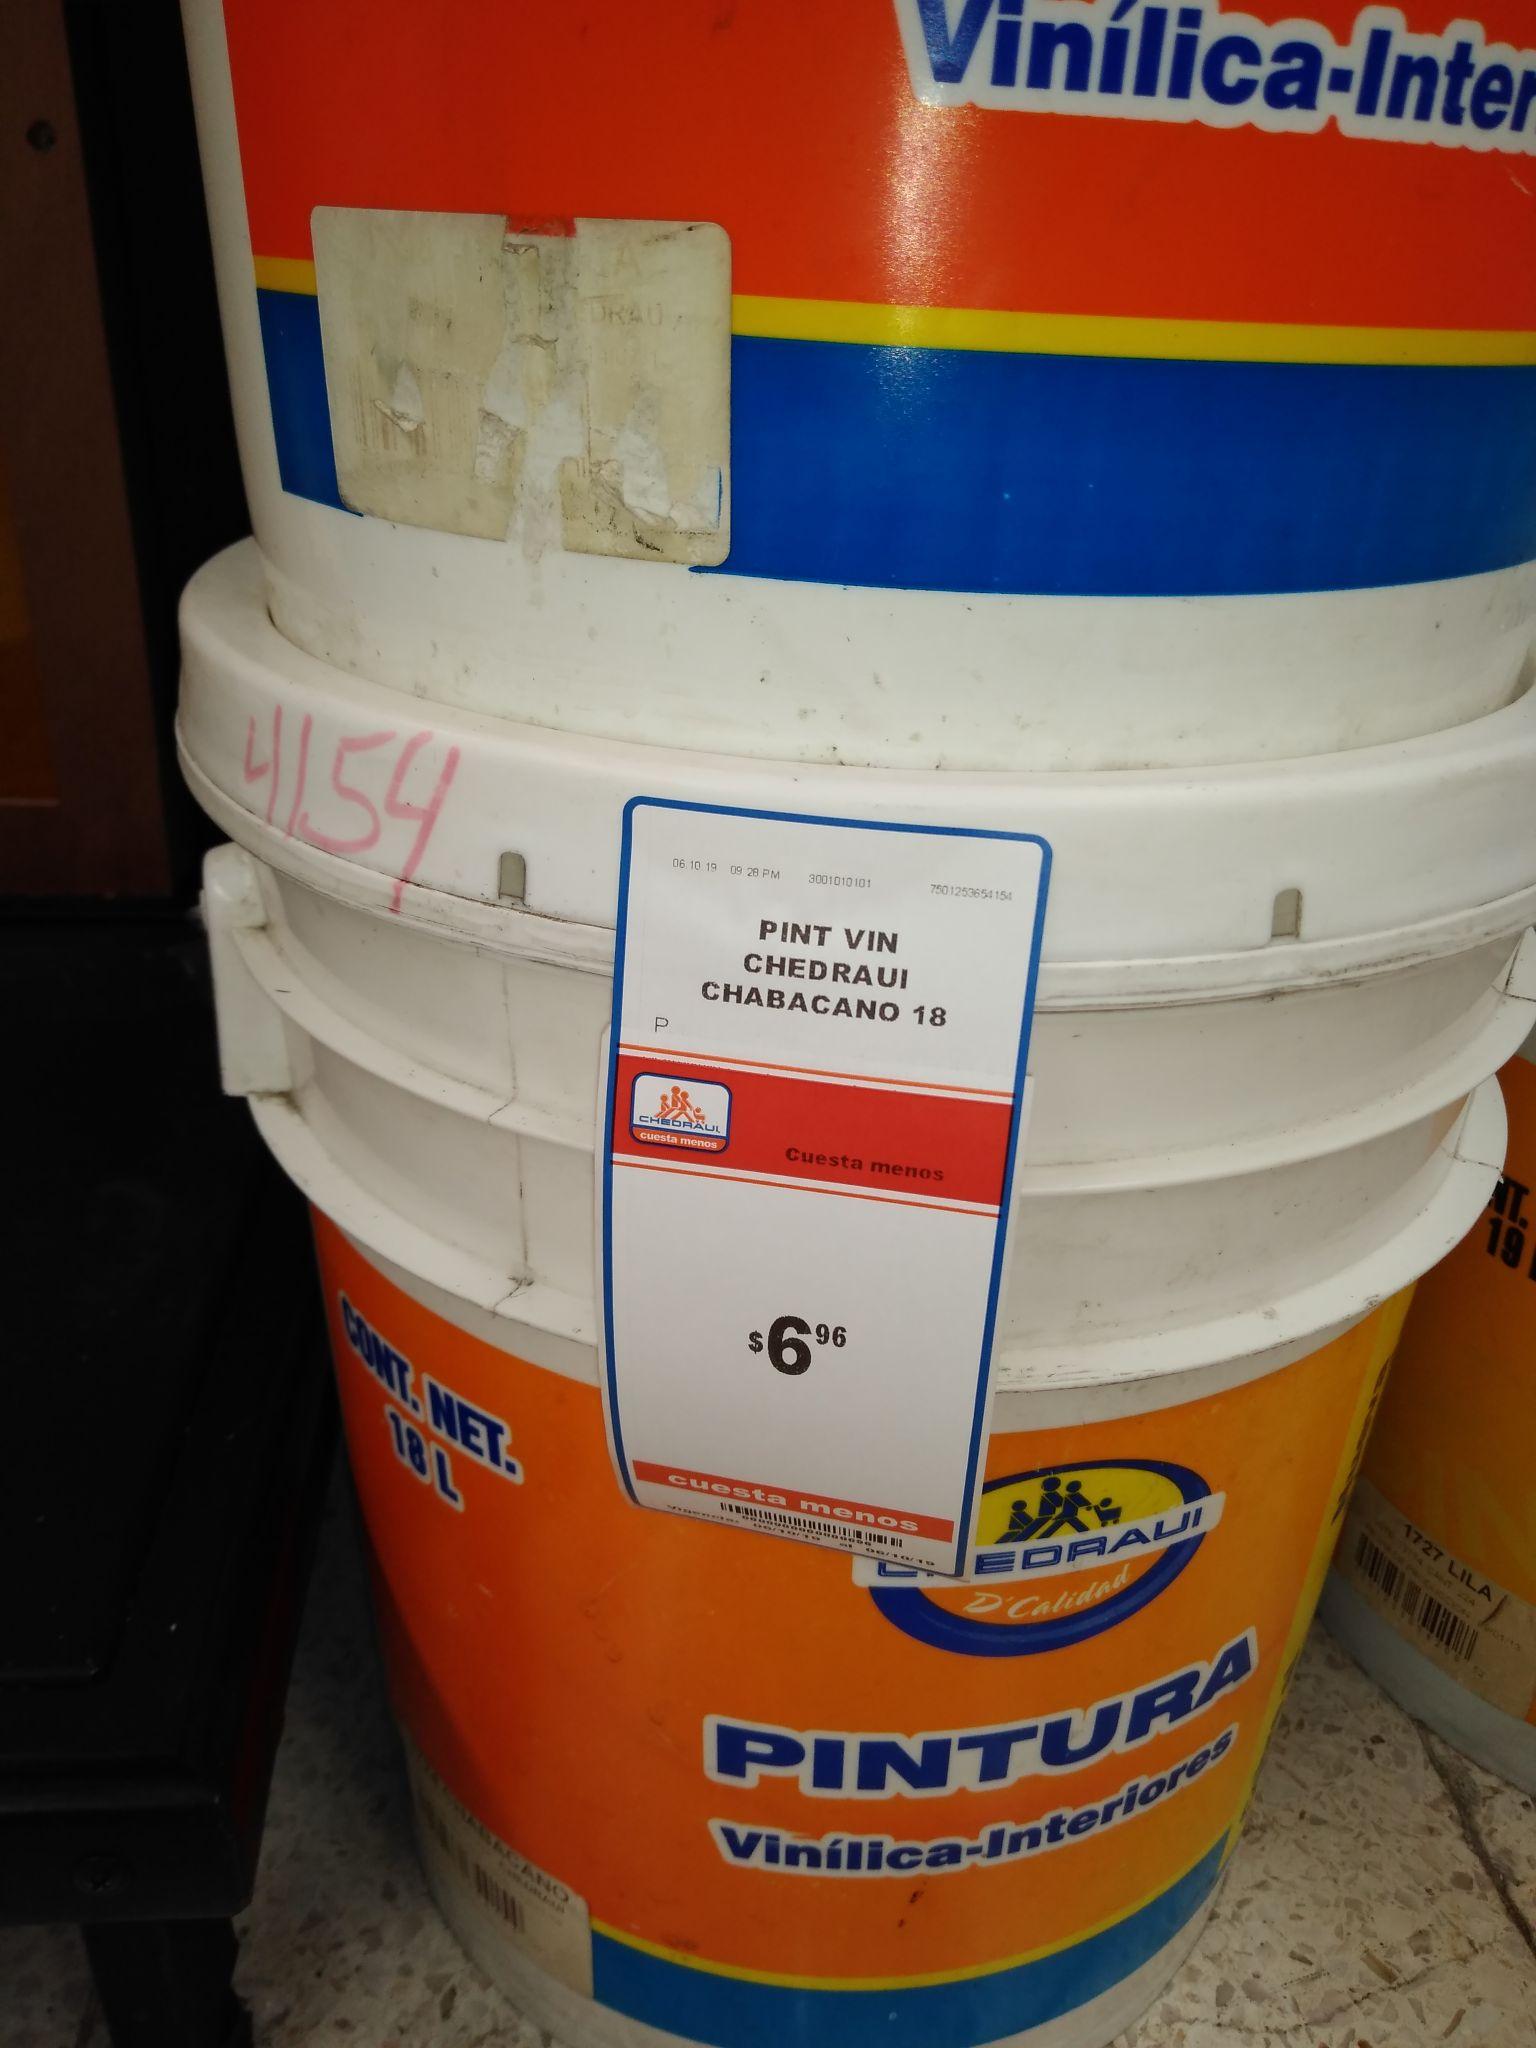 Chedraui: Pintura Vinílica Chedraui de 18 litros.